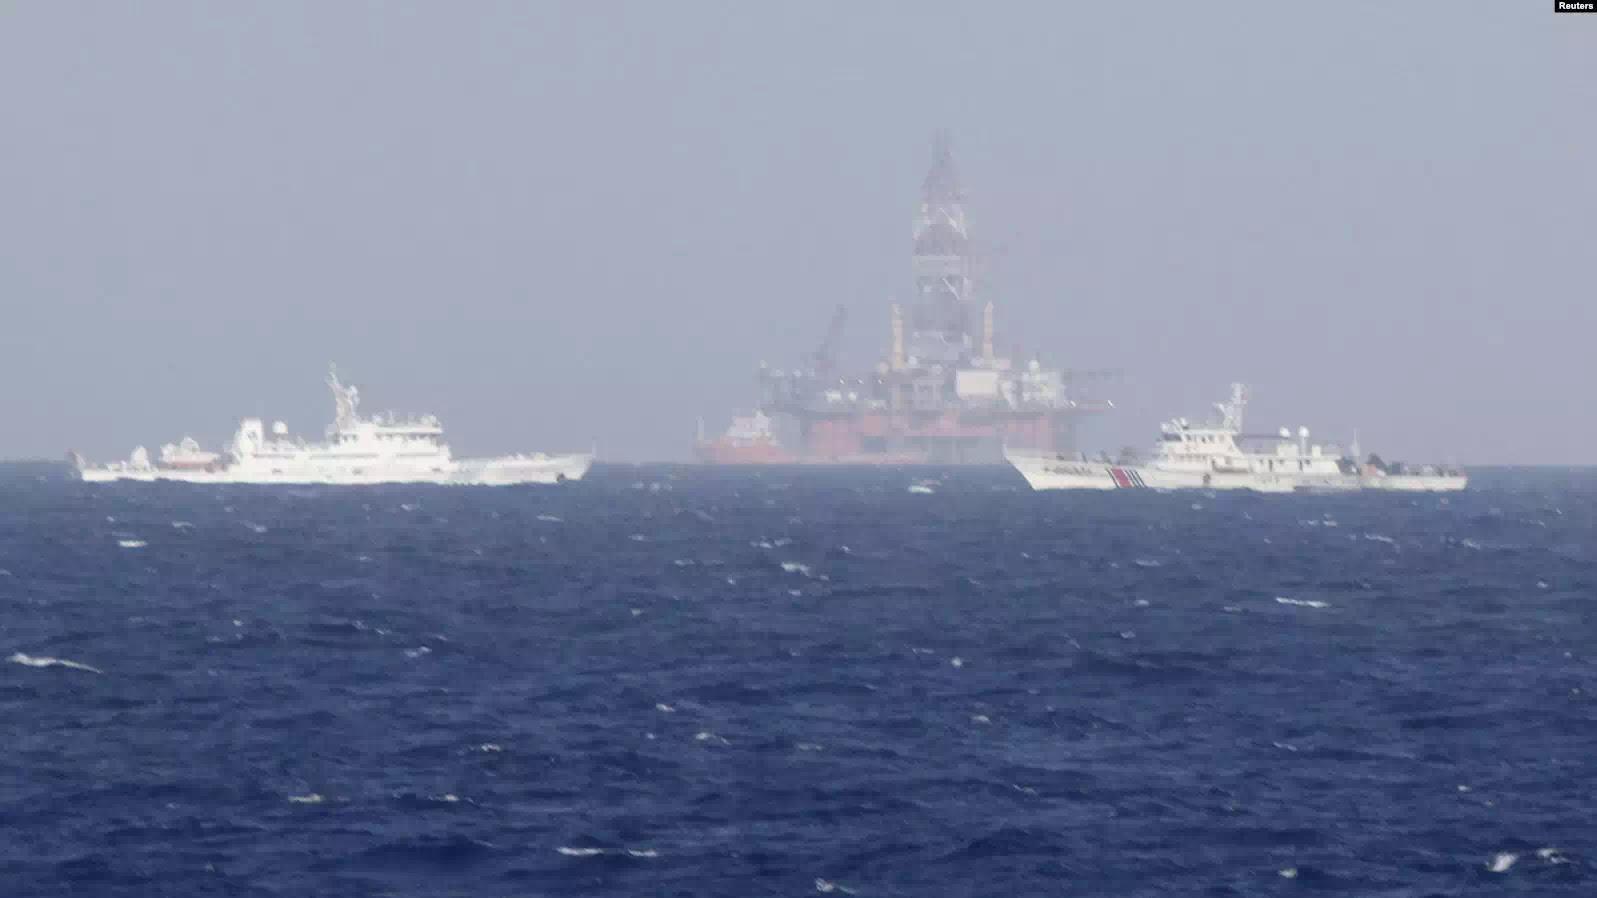 Giàn khoan Hải Dương Thạch Châu của Trung Quốc được đưa vào thềm lục địa Việt Nam hồi năm 2014